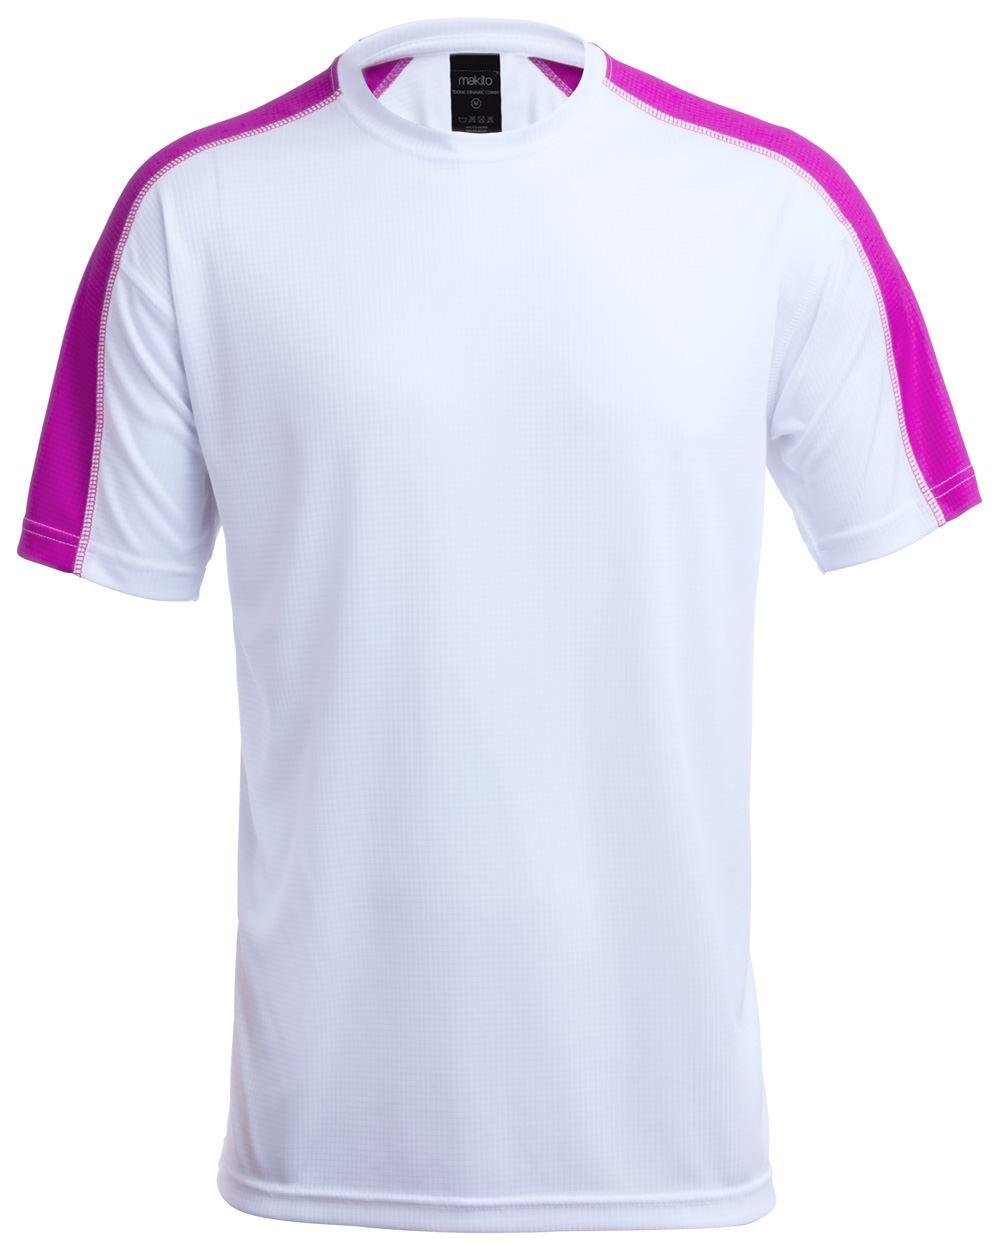 Tecnic Dinamic Comby tričko pro dospělé